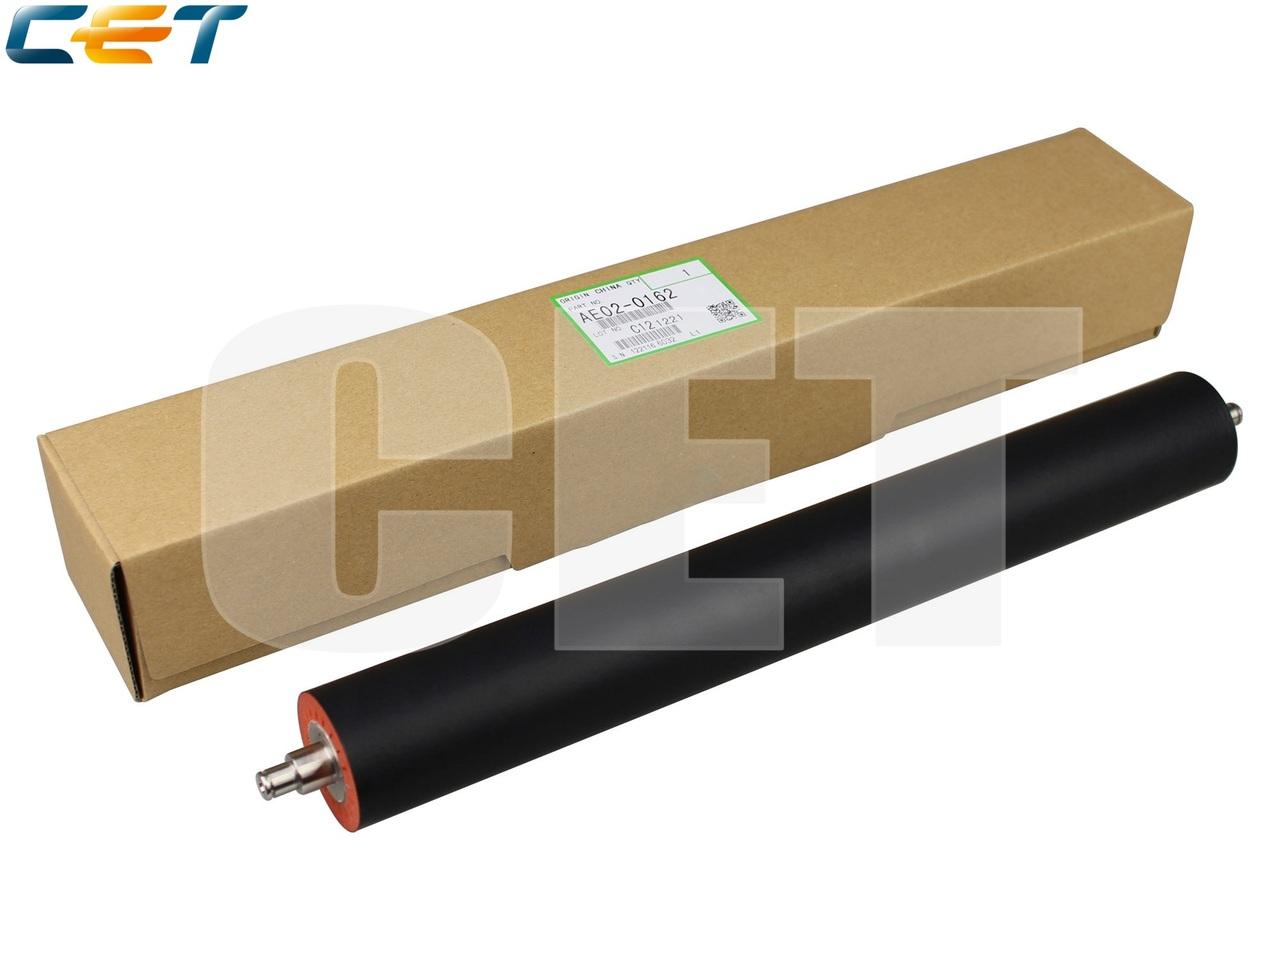 Резиновый вал AE02-0162 для RICOH Aficio 2051/2060/2075(CET), CET6032